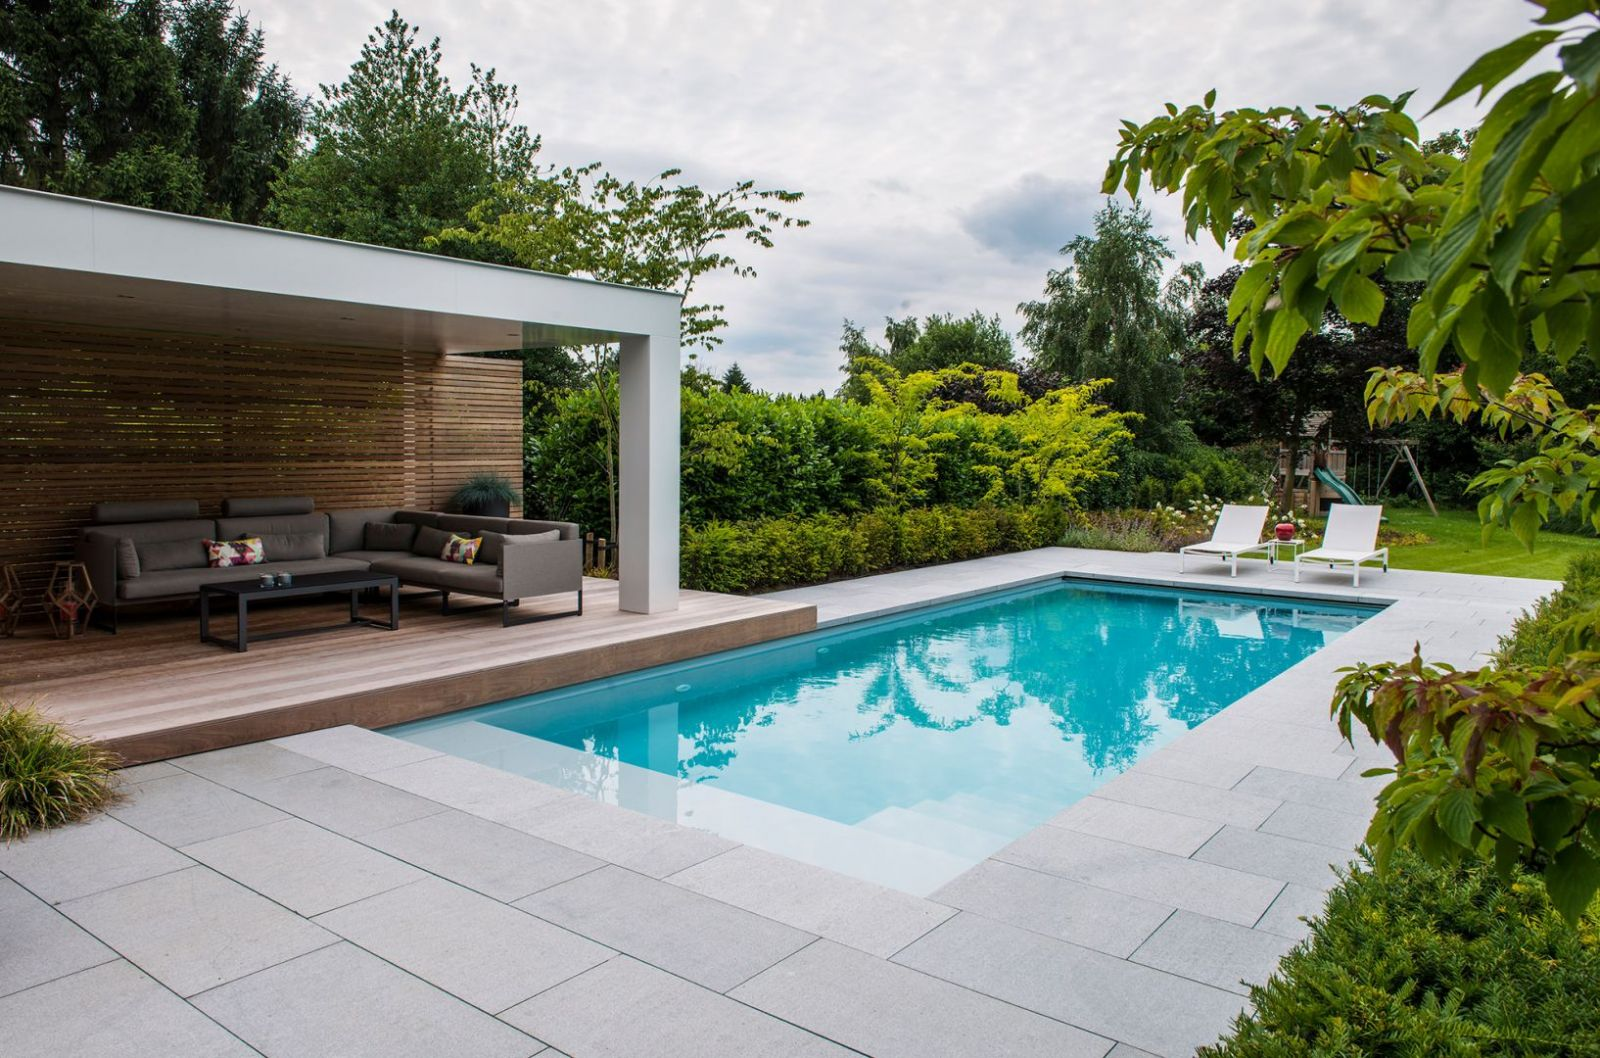 Xây dựng bể bơi- đảm bảo yếu tố phong thủy